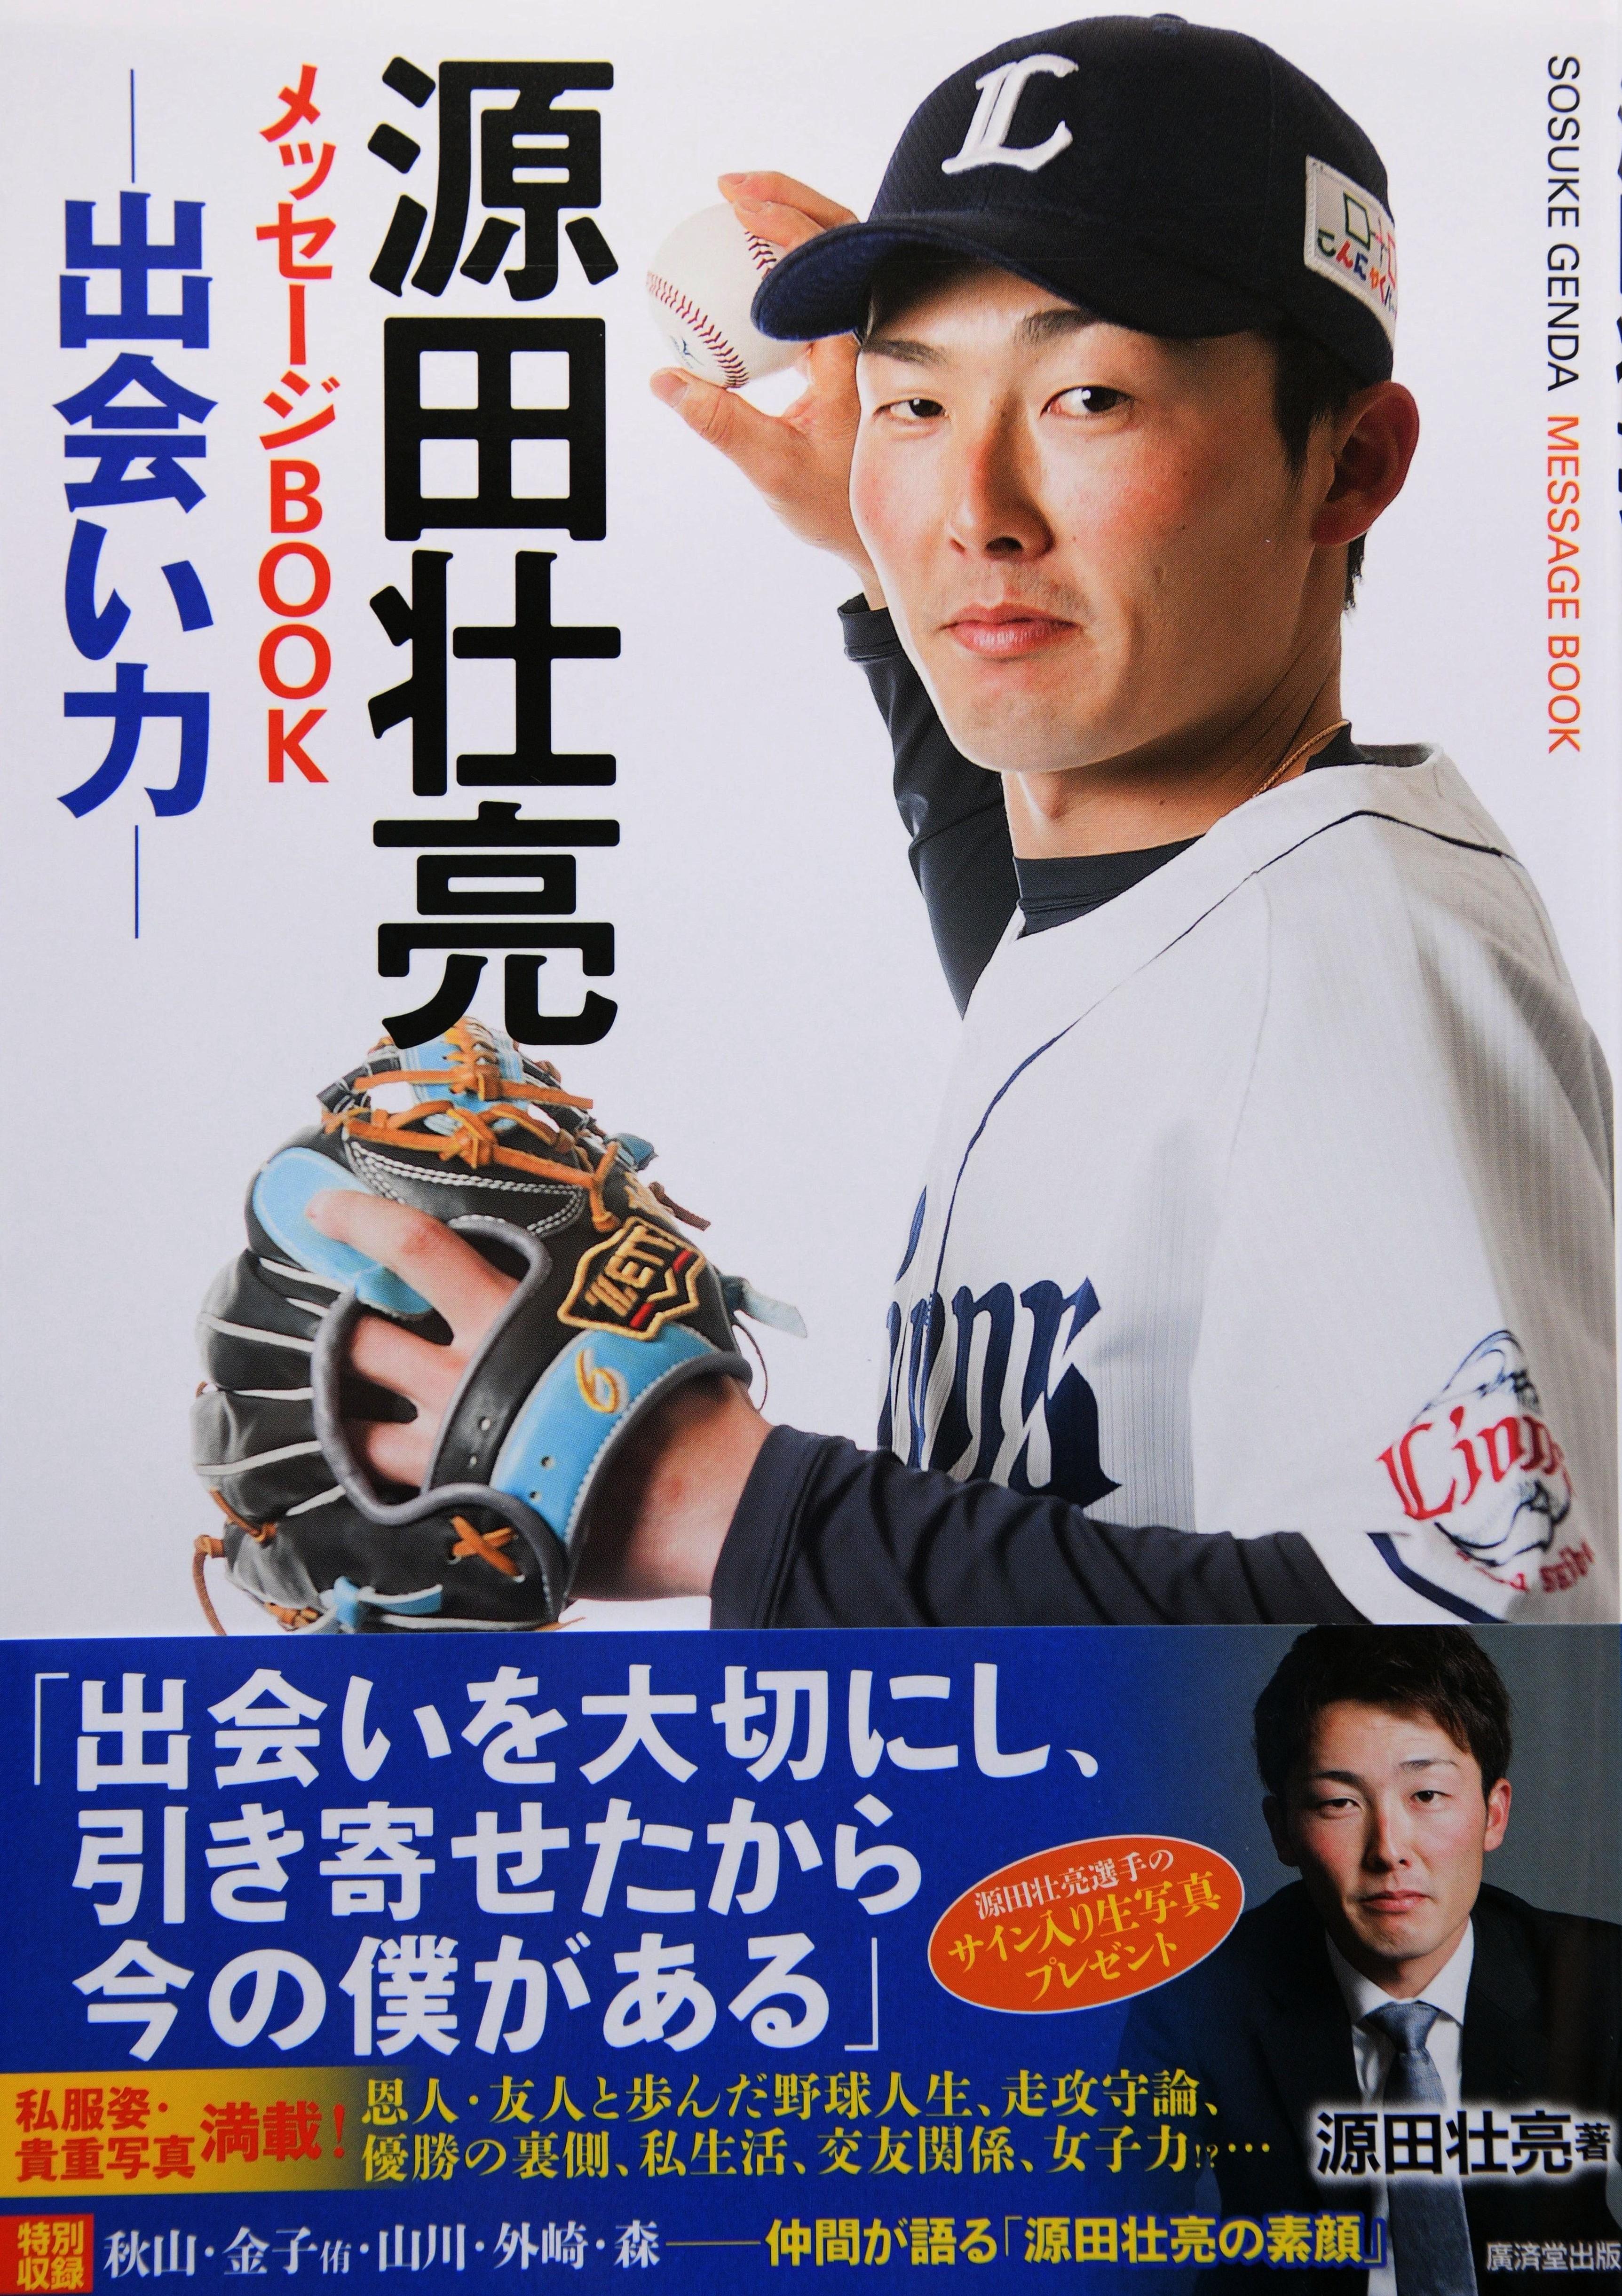 西武の源田の初著書タイトルは「出会い力」|【西日本スポーツ】